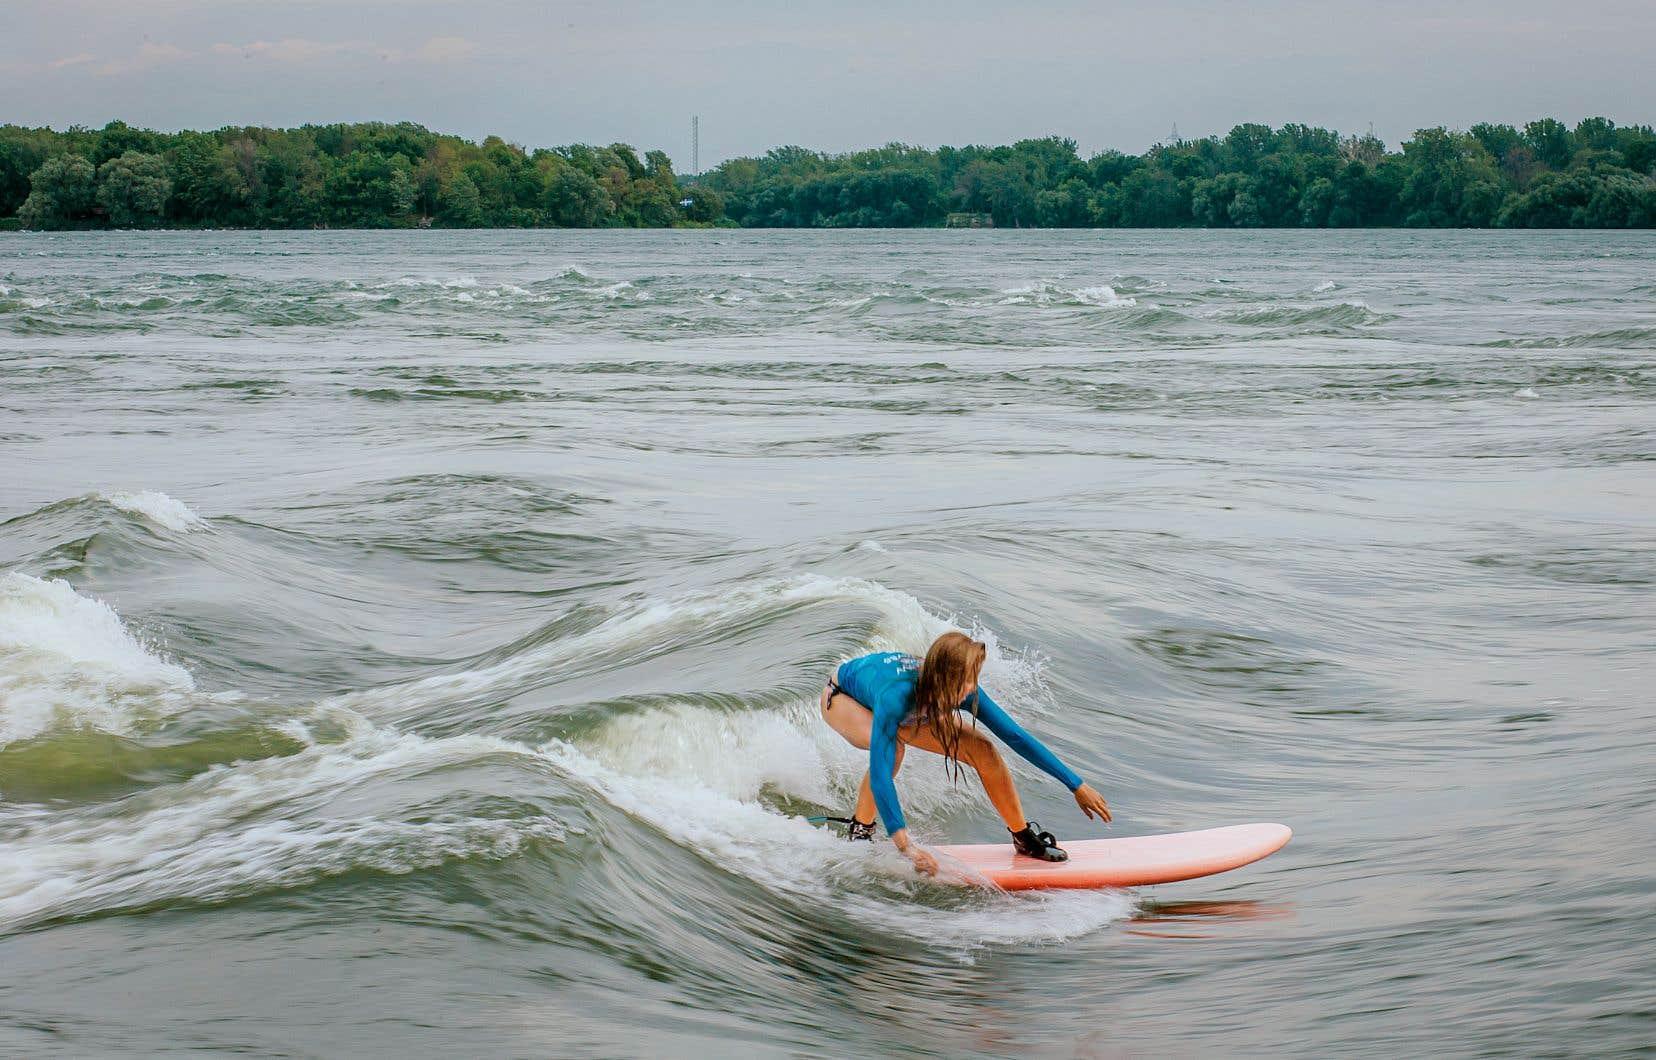 Cet été, ils sont plus que d'habitude à surfer sur la Vague à Guy.